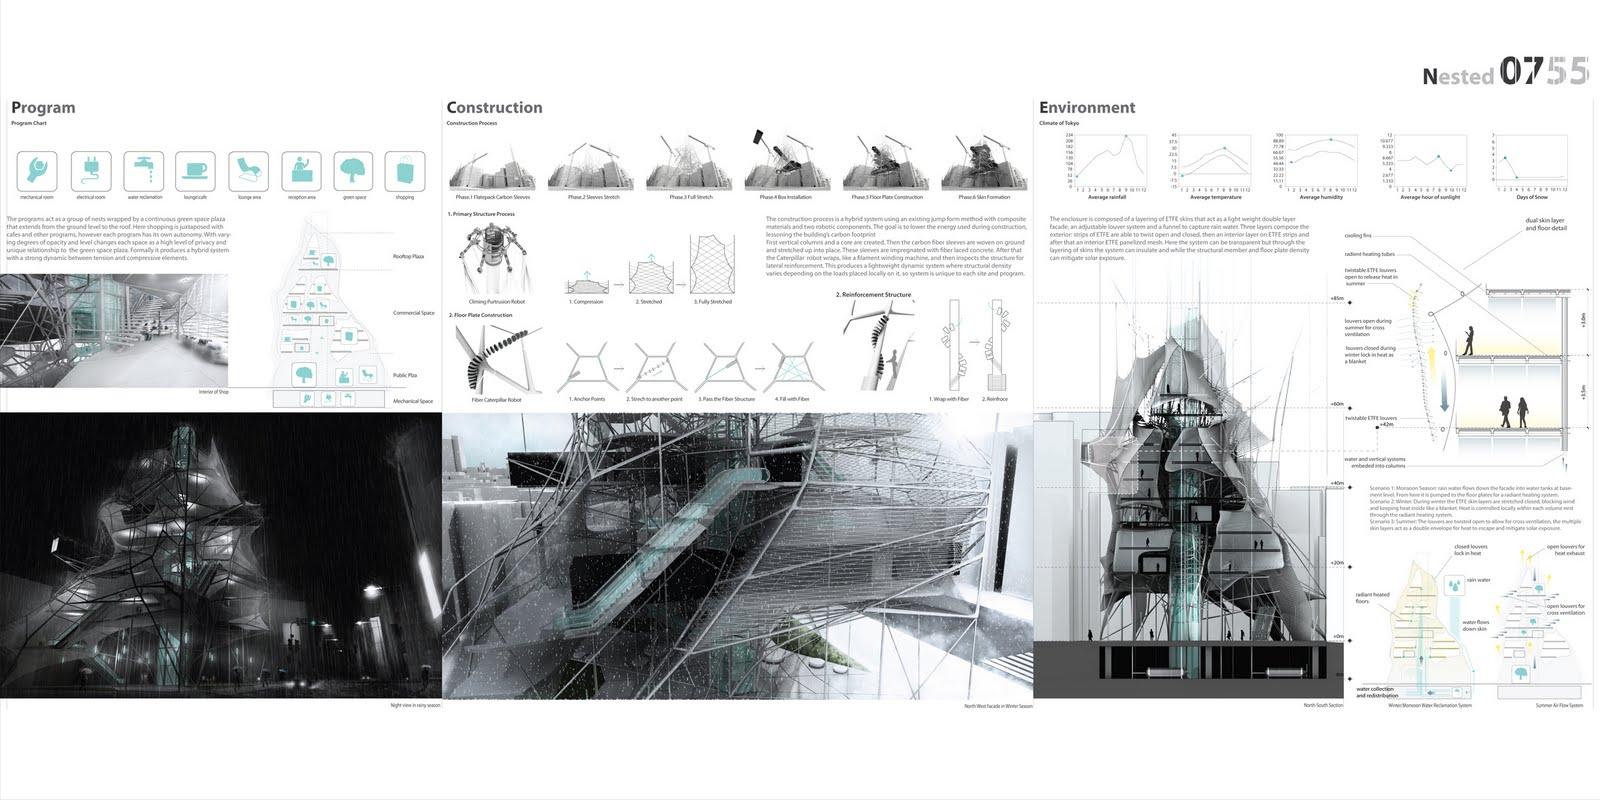 Link competencia ideas arquitectura rascacielos, o como